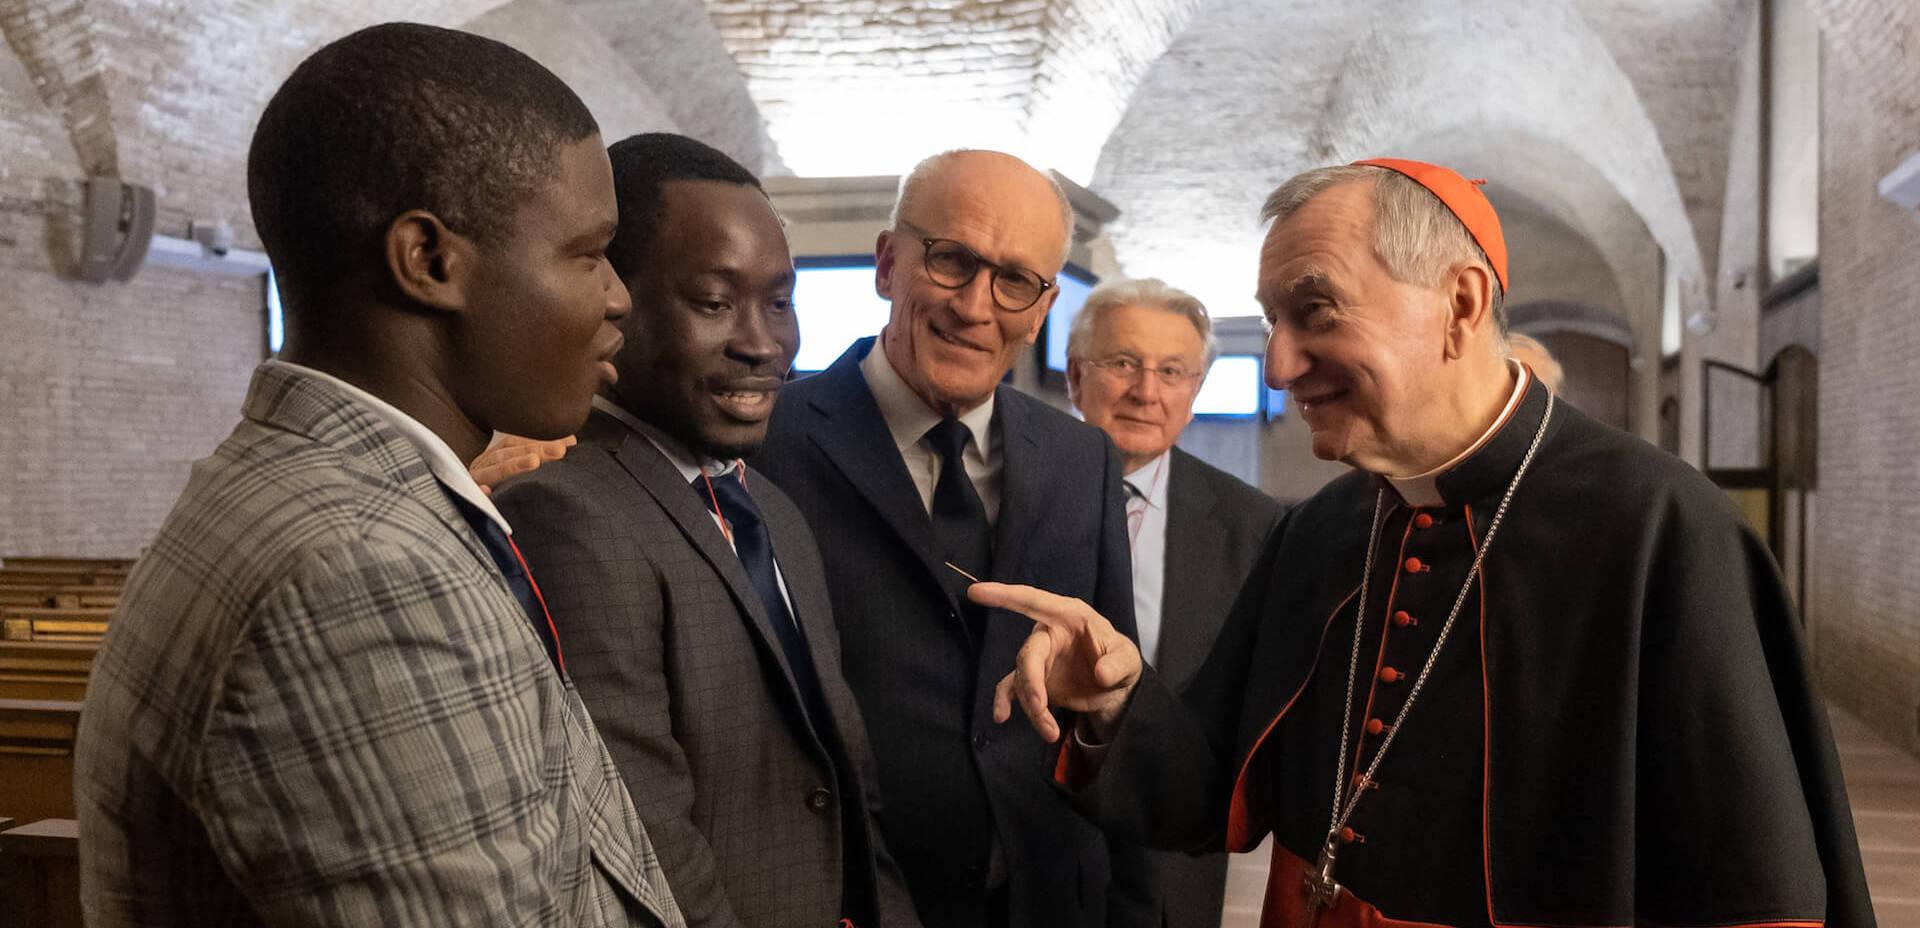 Rondine incontra il Corpo Diplomatico presso la Santa Sede. Il sostegno del Cardinale Parolin